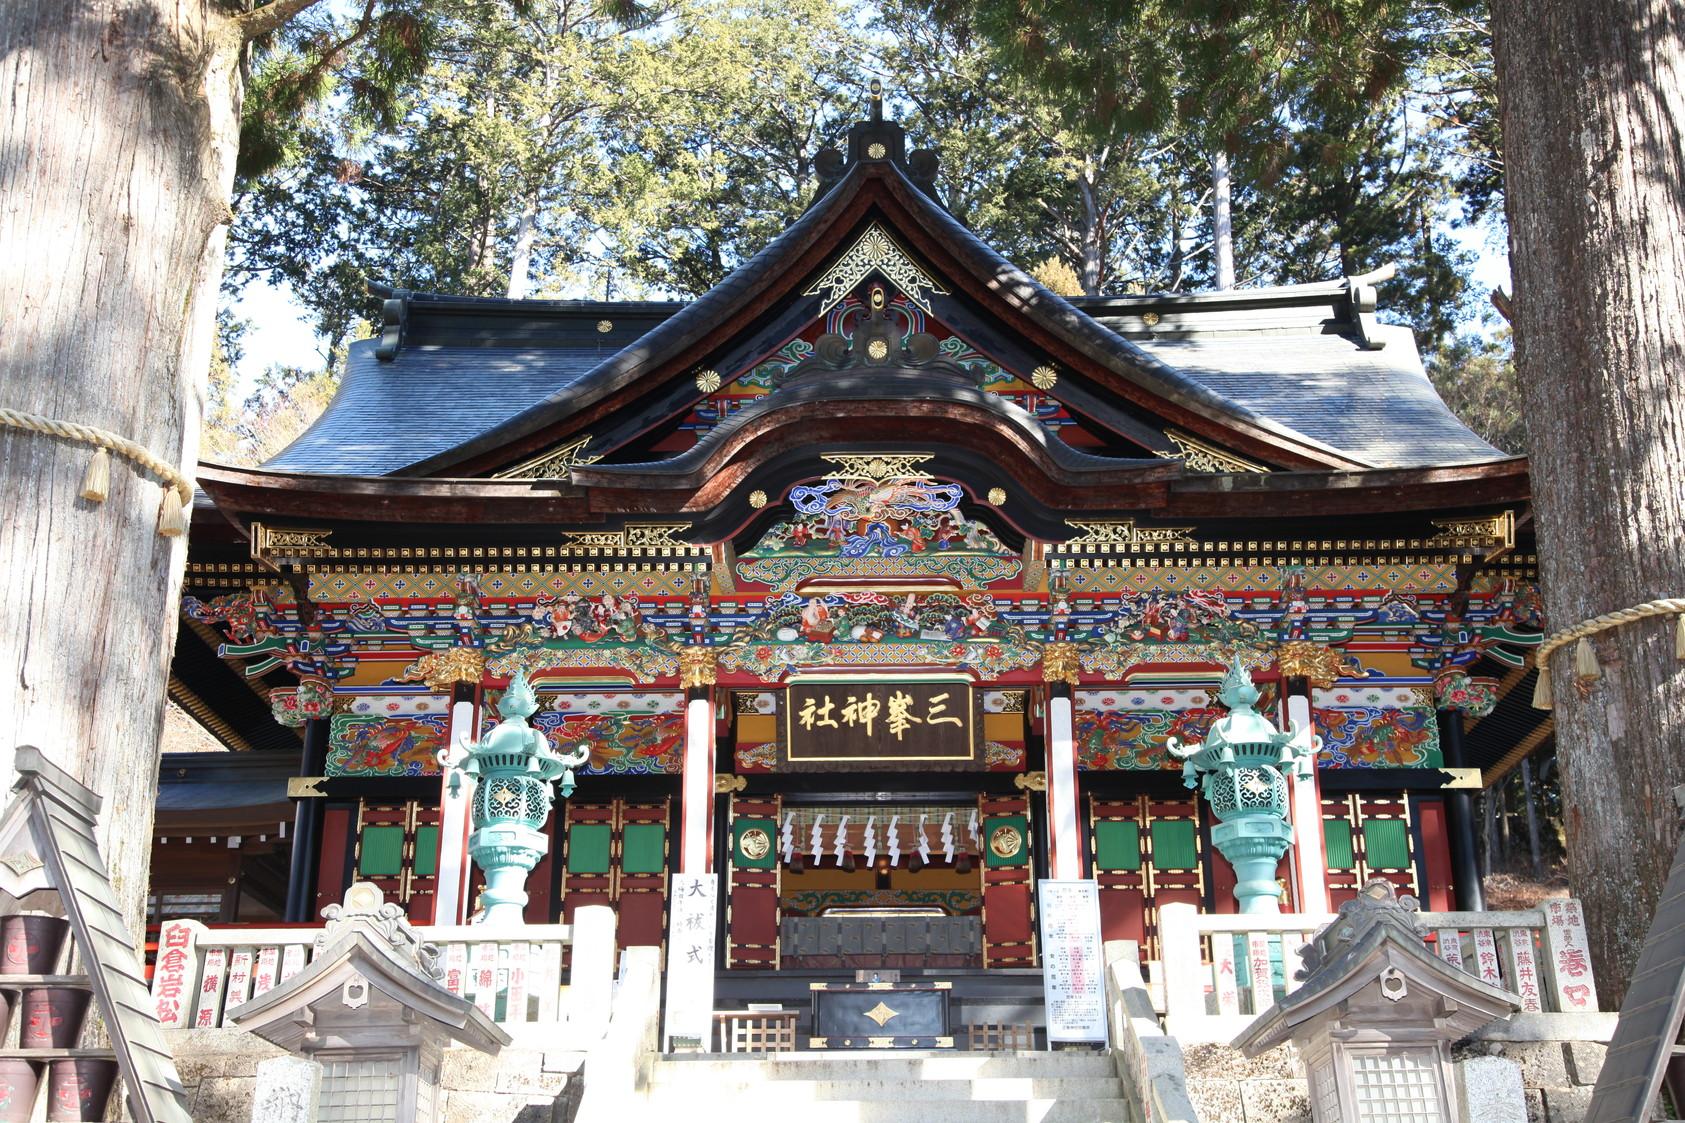 三峯神社(みつみねじんじゃ)